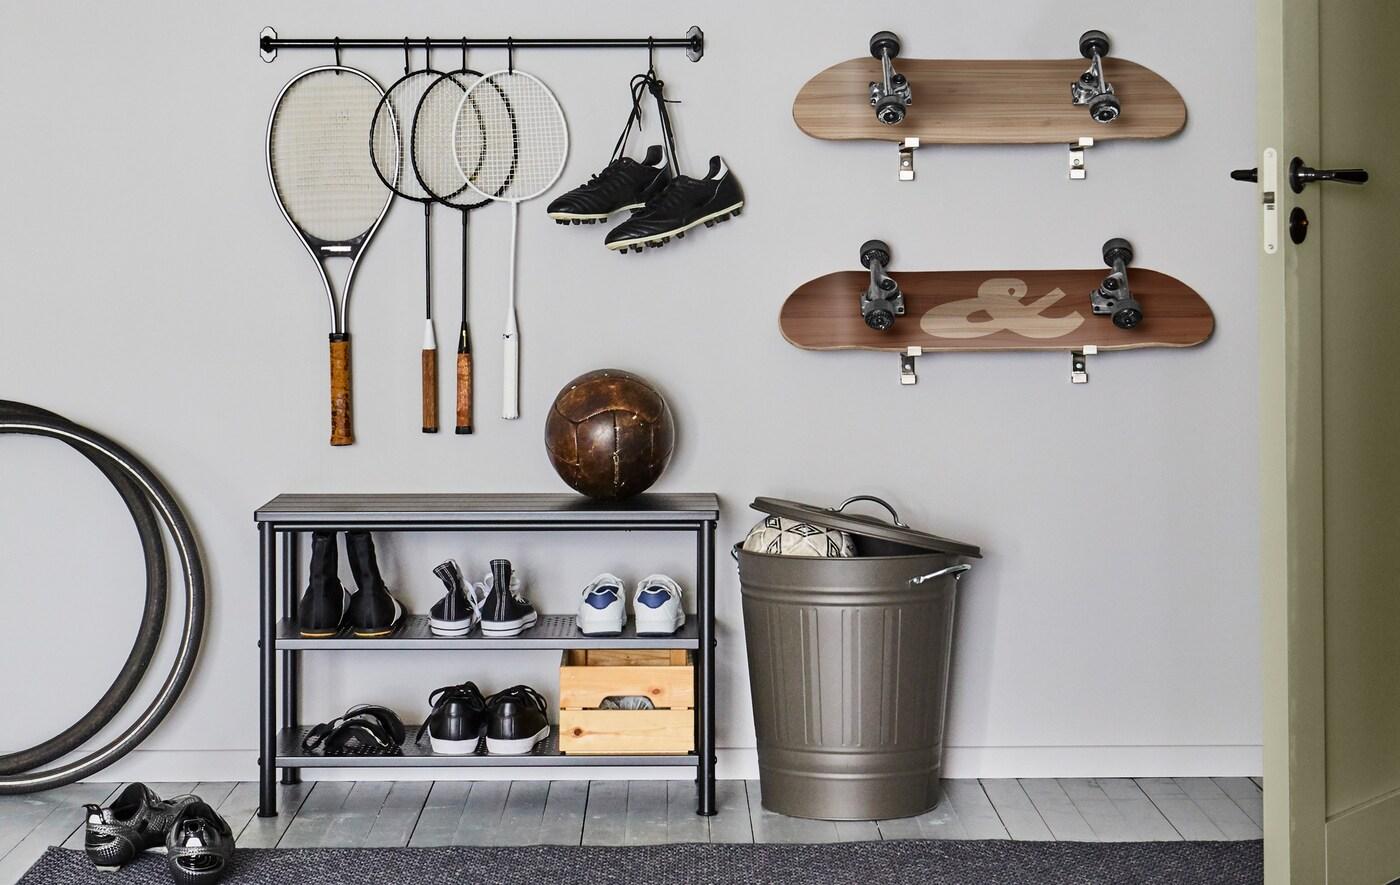 إذا كنت أنت وأطفالك تتحركون بشكل مستمر، حافظ على الأدوات والمعدات الرياضية الخاصة بك منظمة وجاهزة للاستخدام بجوار الباب مباشرة.